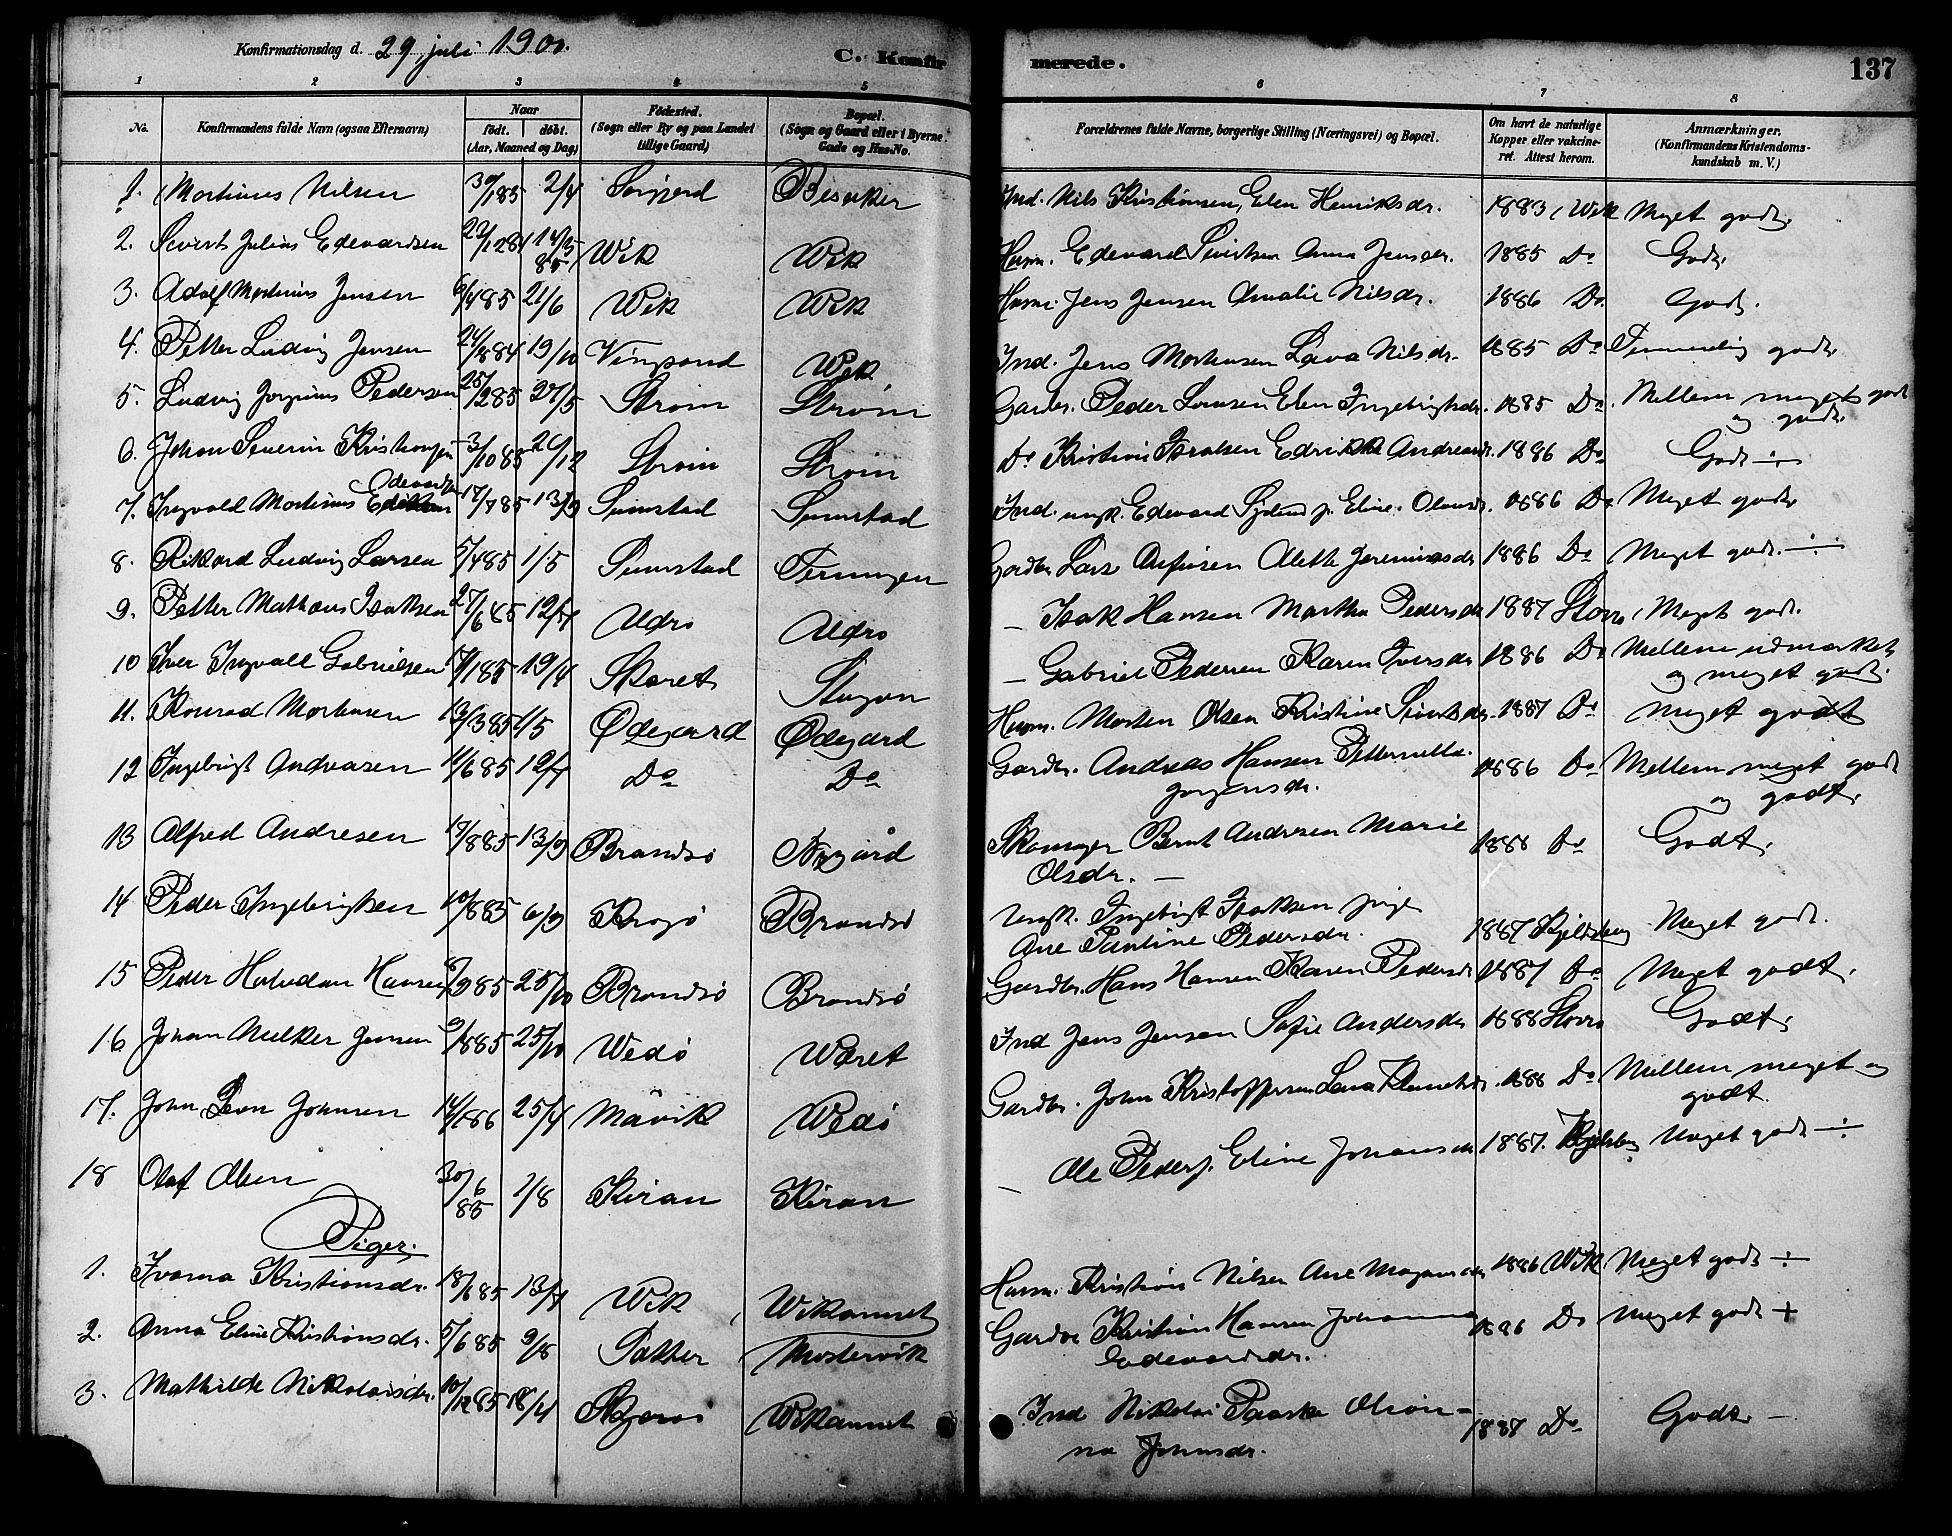 SAT, Ministerialprotokoller, klokkerbøker og fødselsregistre - Sør-Trøndelag, 657/L0716: Klokkerbok nr. 657C03, 1889-1904, s. 137